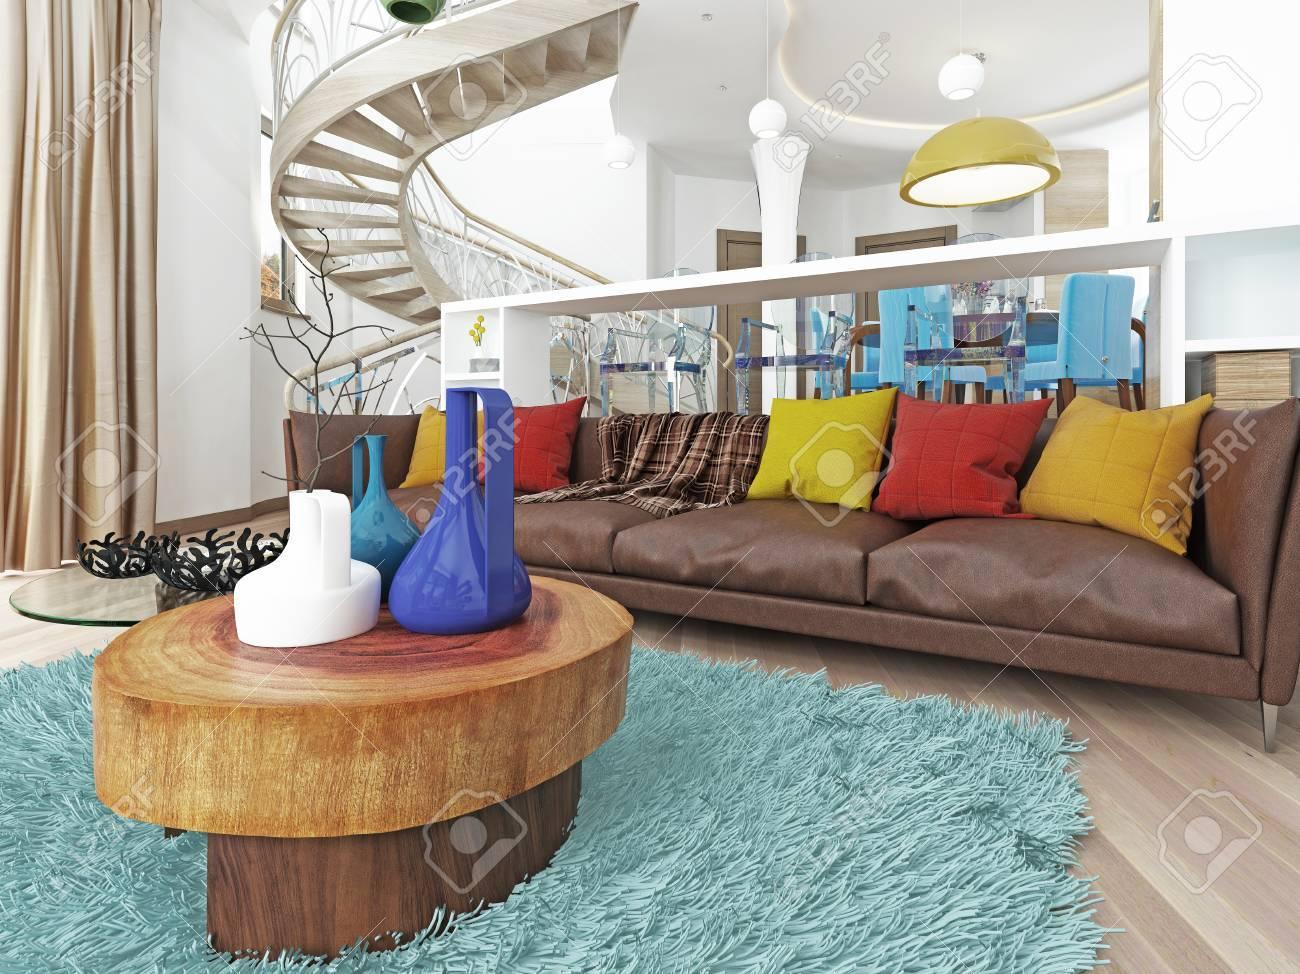 Wunderbar Luxus Großes Wohnzimmer Im Stil Des Kitsches. Moderne Wohnzimmer Mit Großen  Leder, Braun Sofa